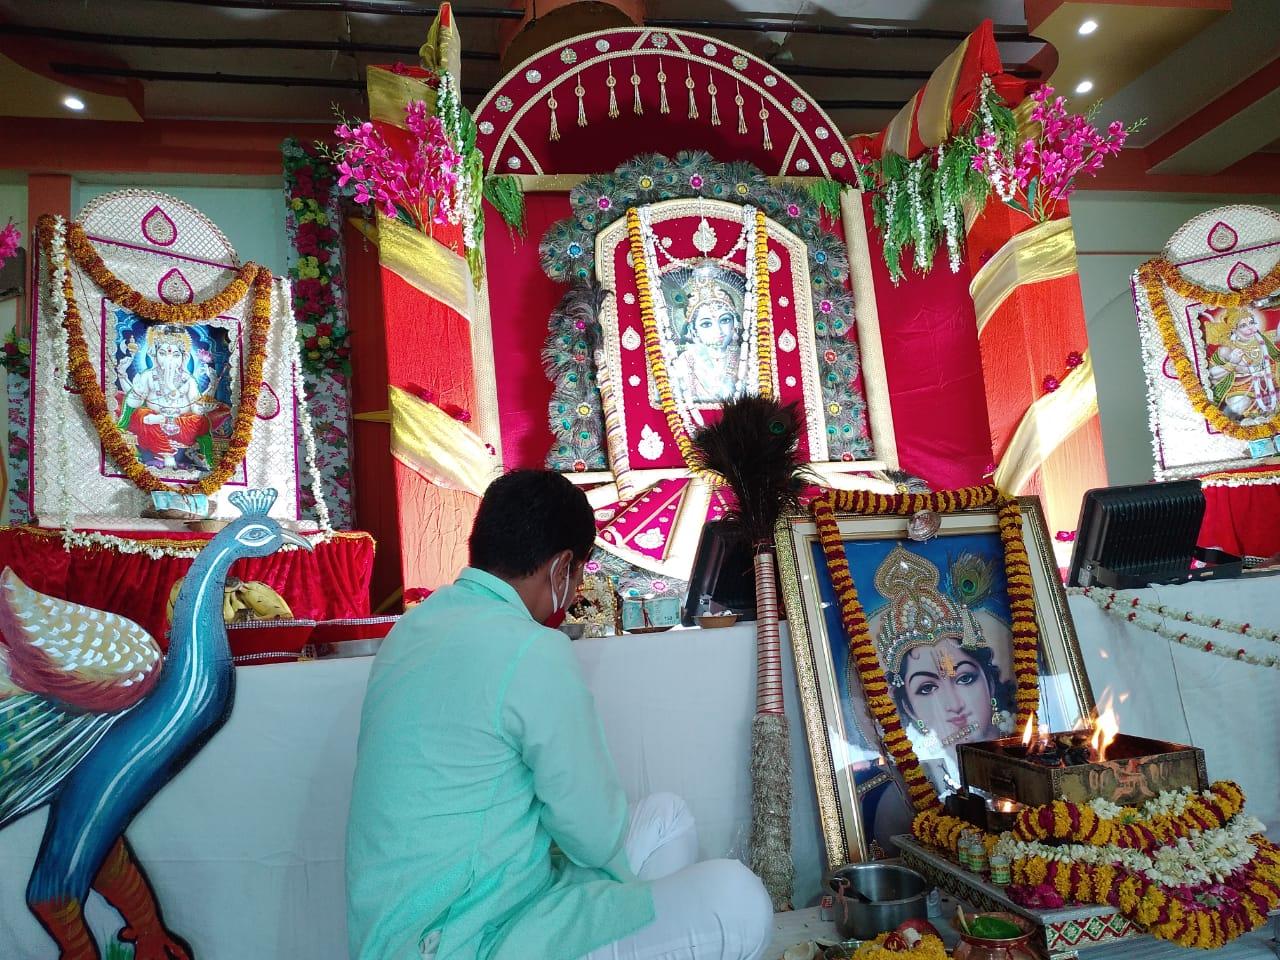 म्हारो श्याम धणी परिवार मीणावाला सिरसी रोड जयपुर ने सोशल डिस्टेसिंग का पालन करते हुए सजाया  बाबा श्याम का दरबार ।